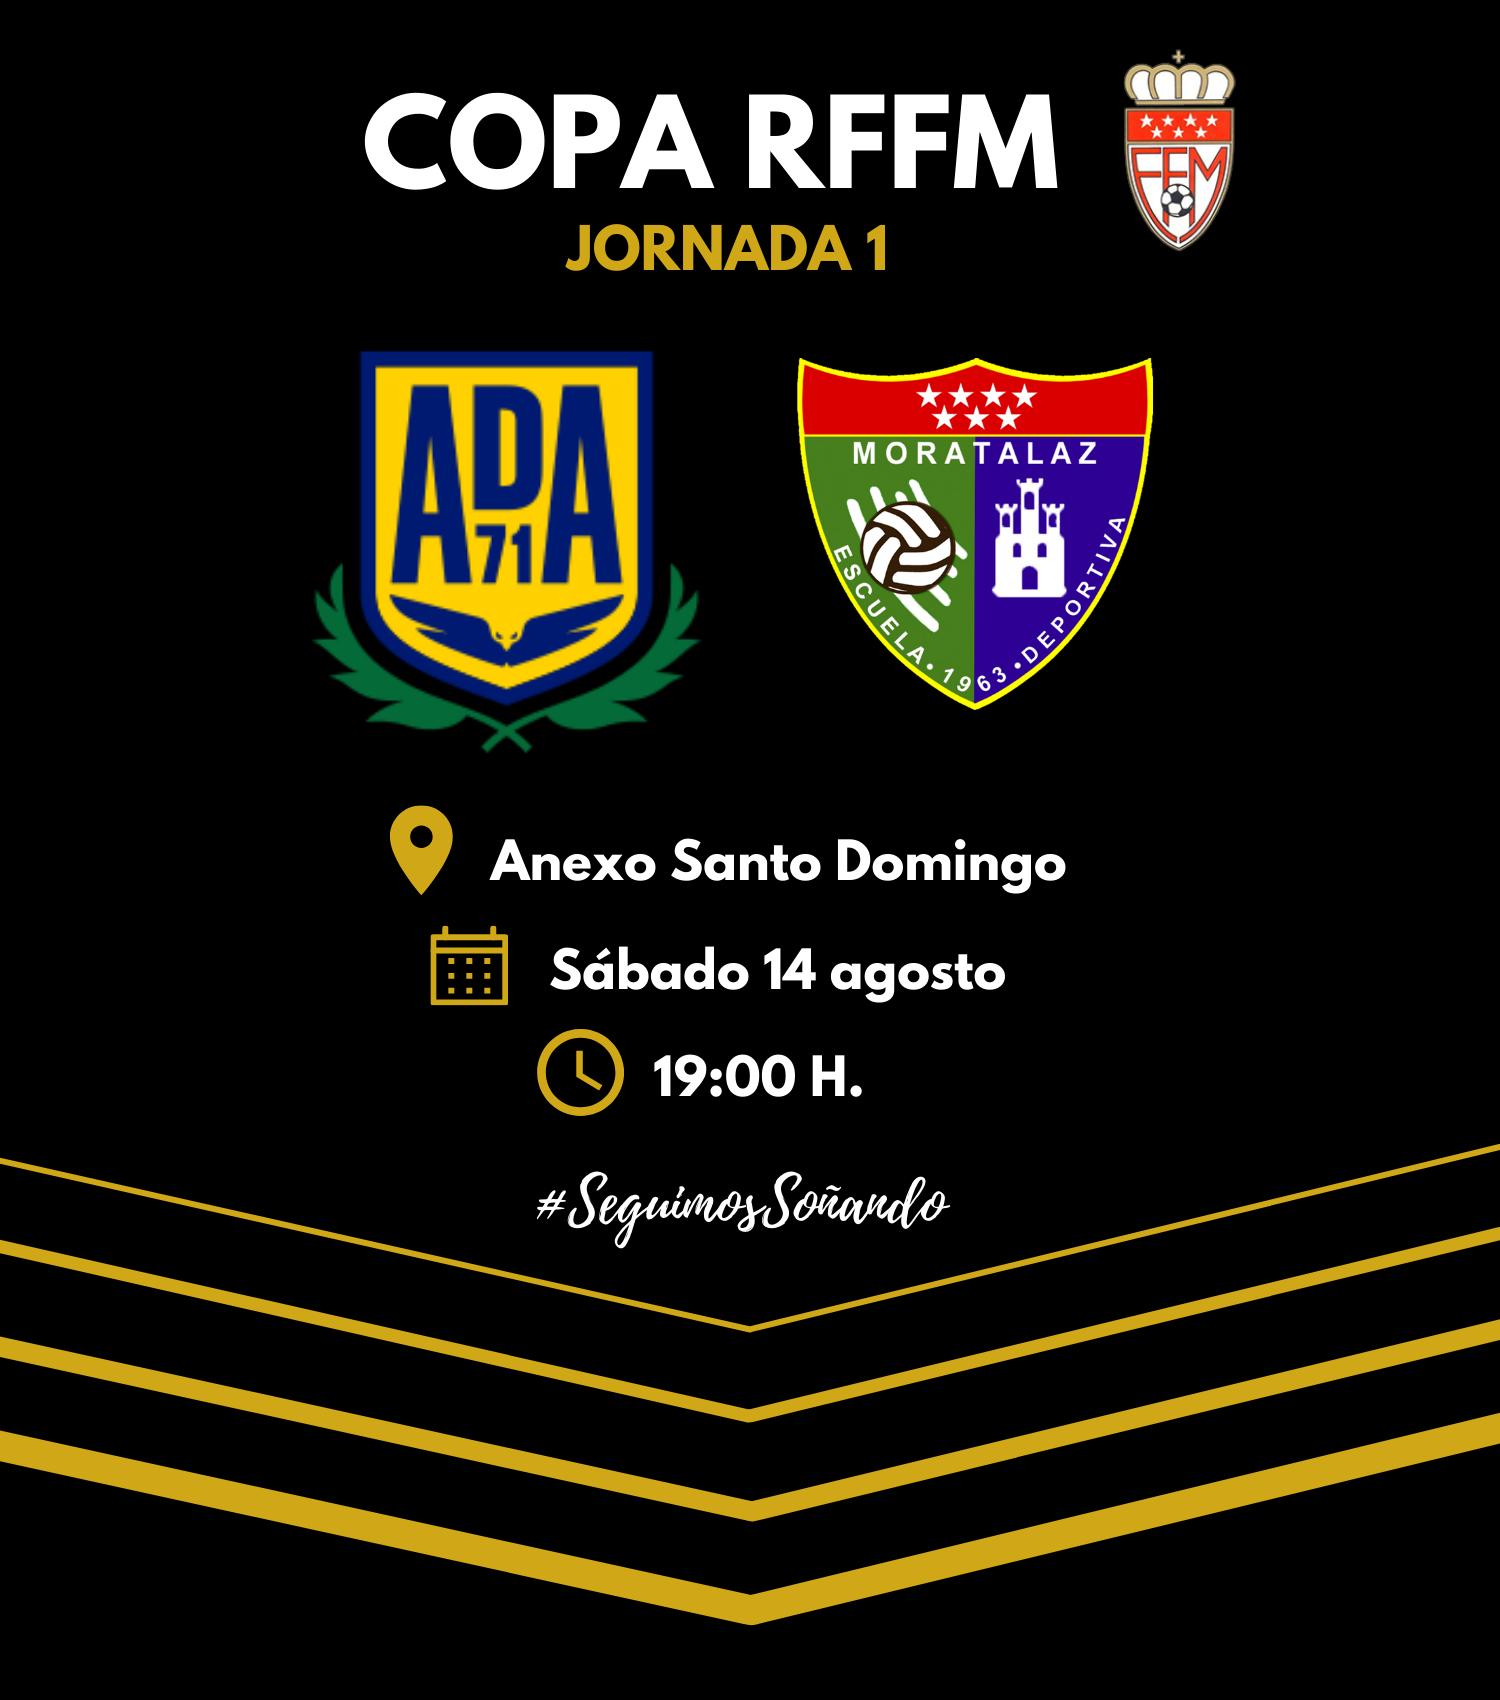 El Primer Equipo visita al AD Alcorcón B en el primer partido de Copa RFFM